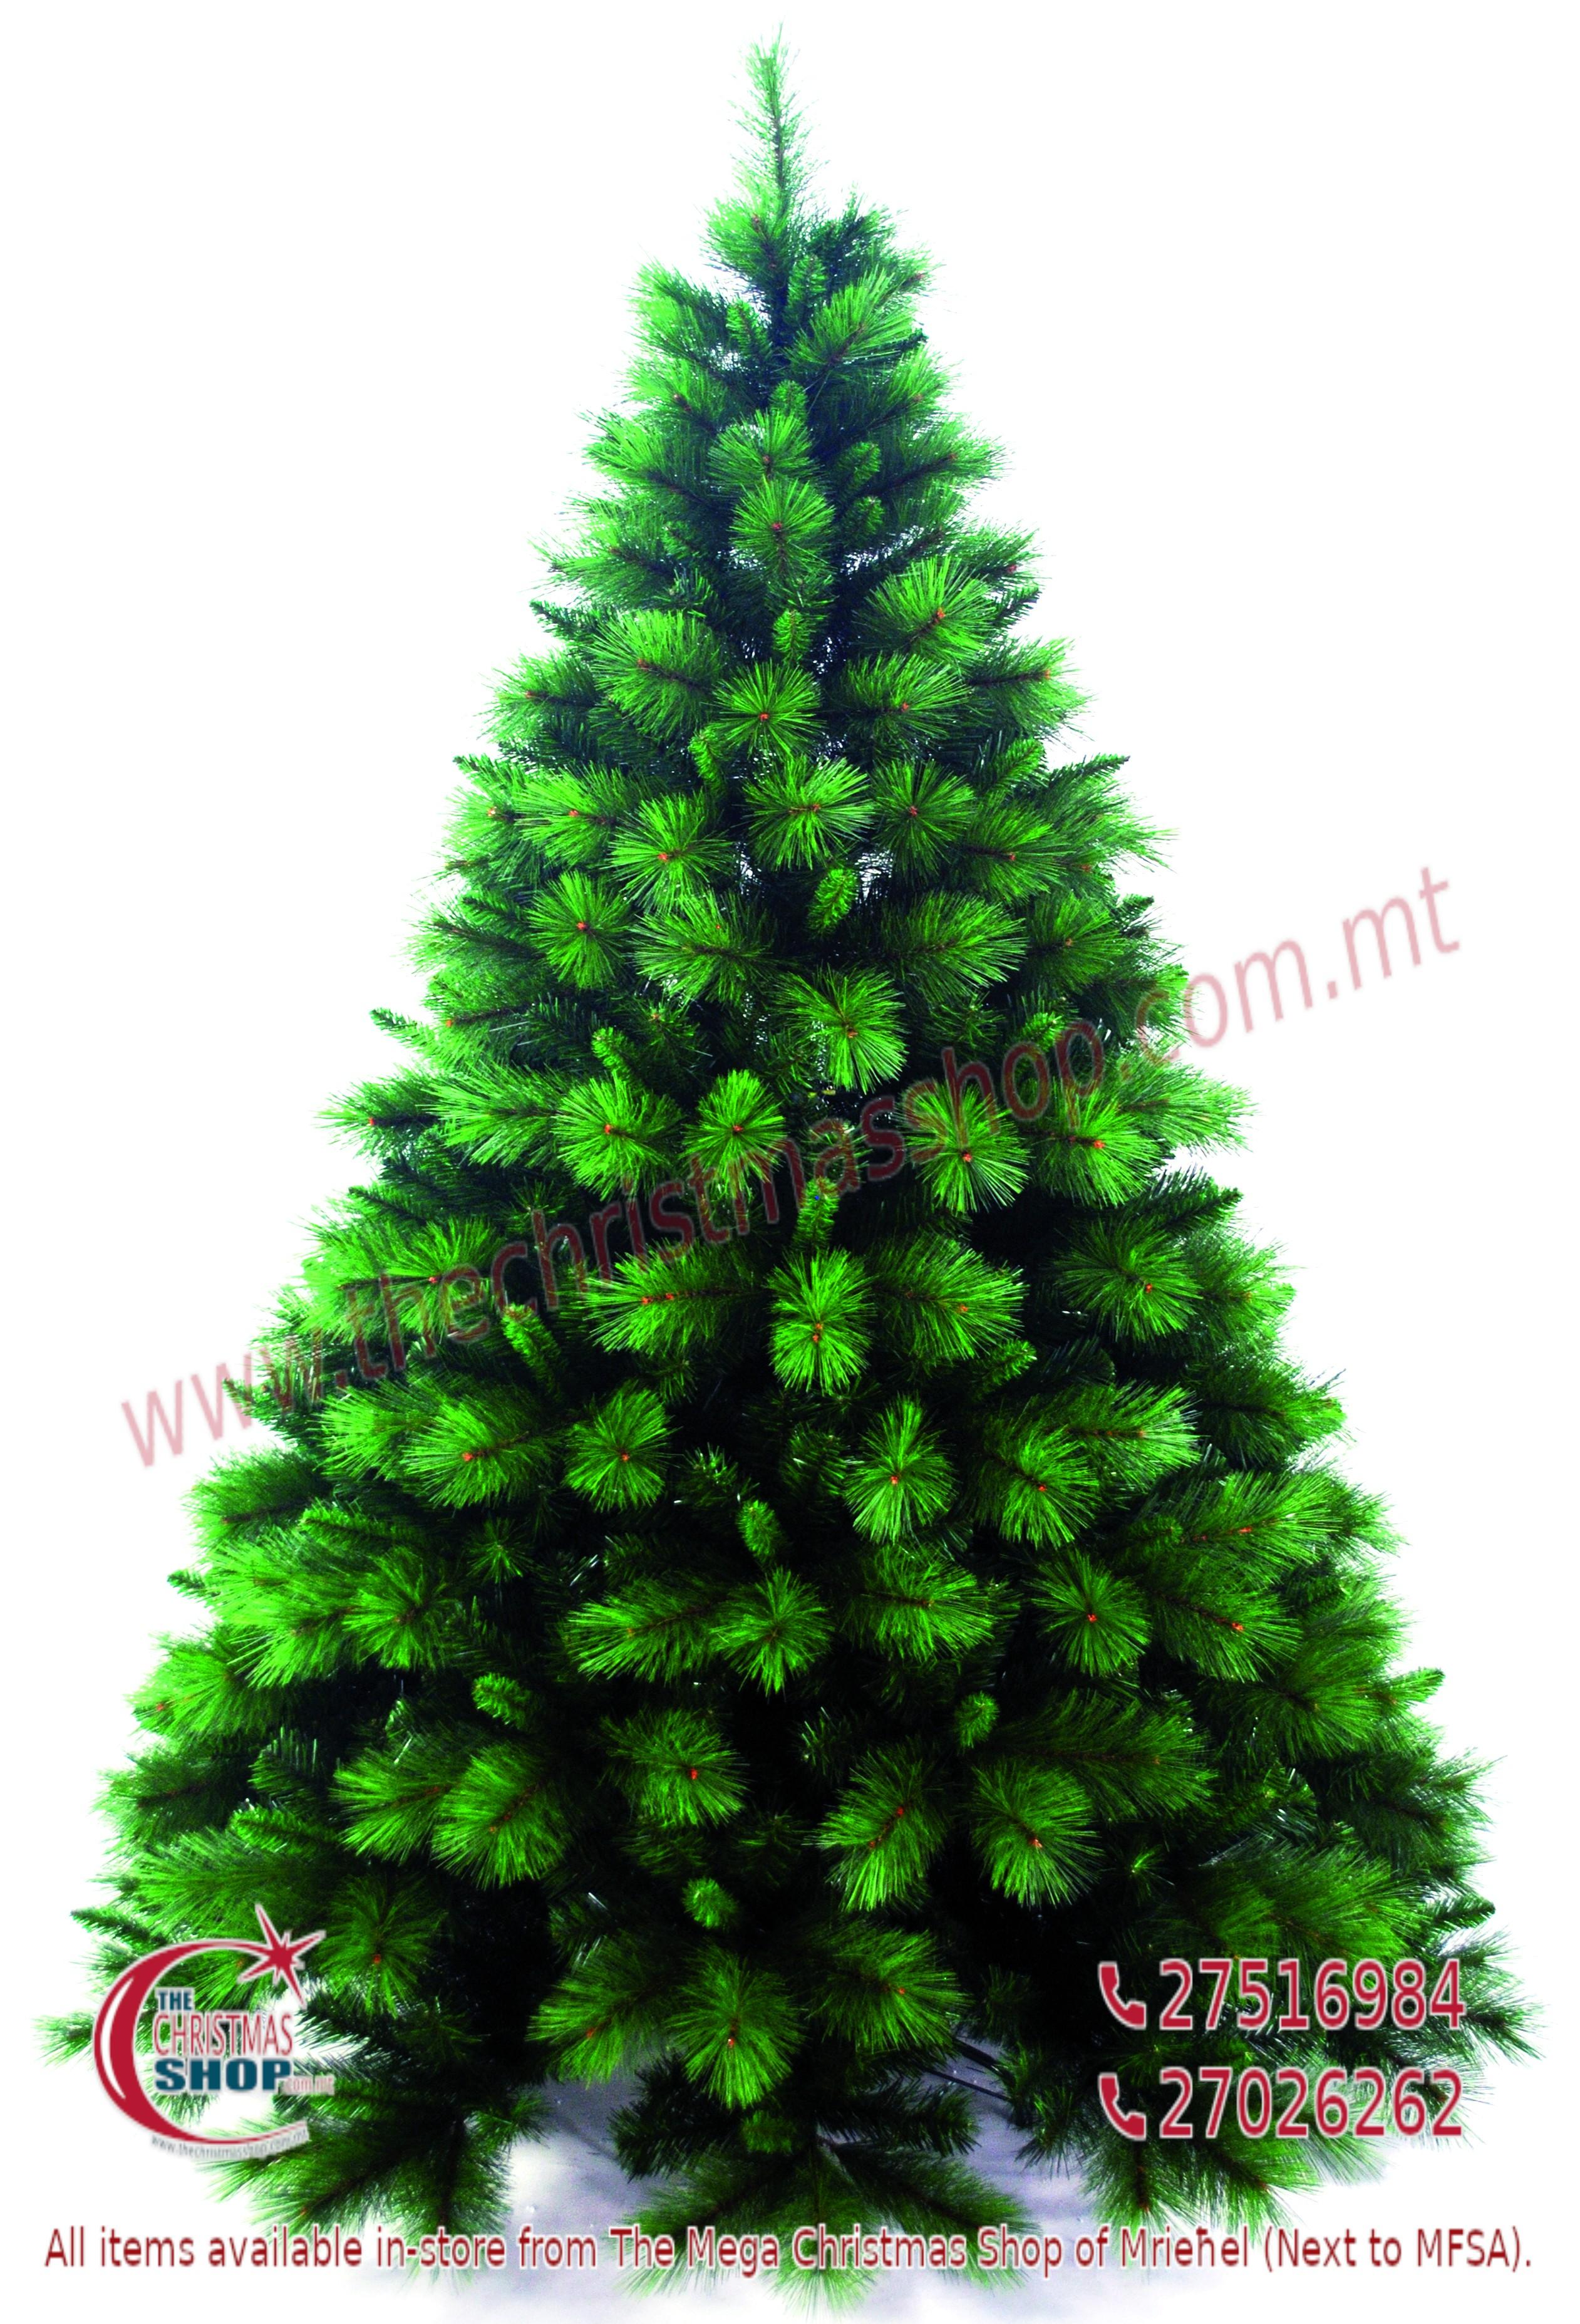 CHRISTMAS TREE AVANTGUARD 300CMS. PAR477274